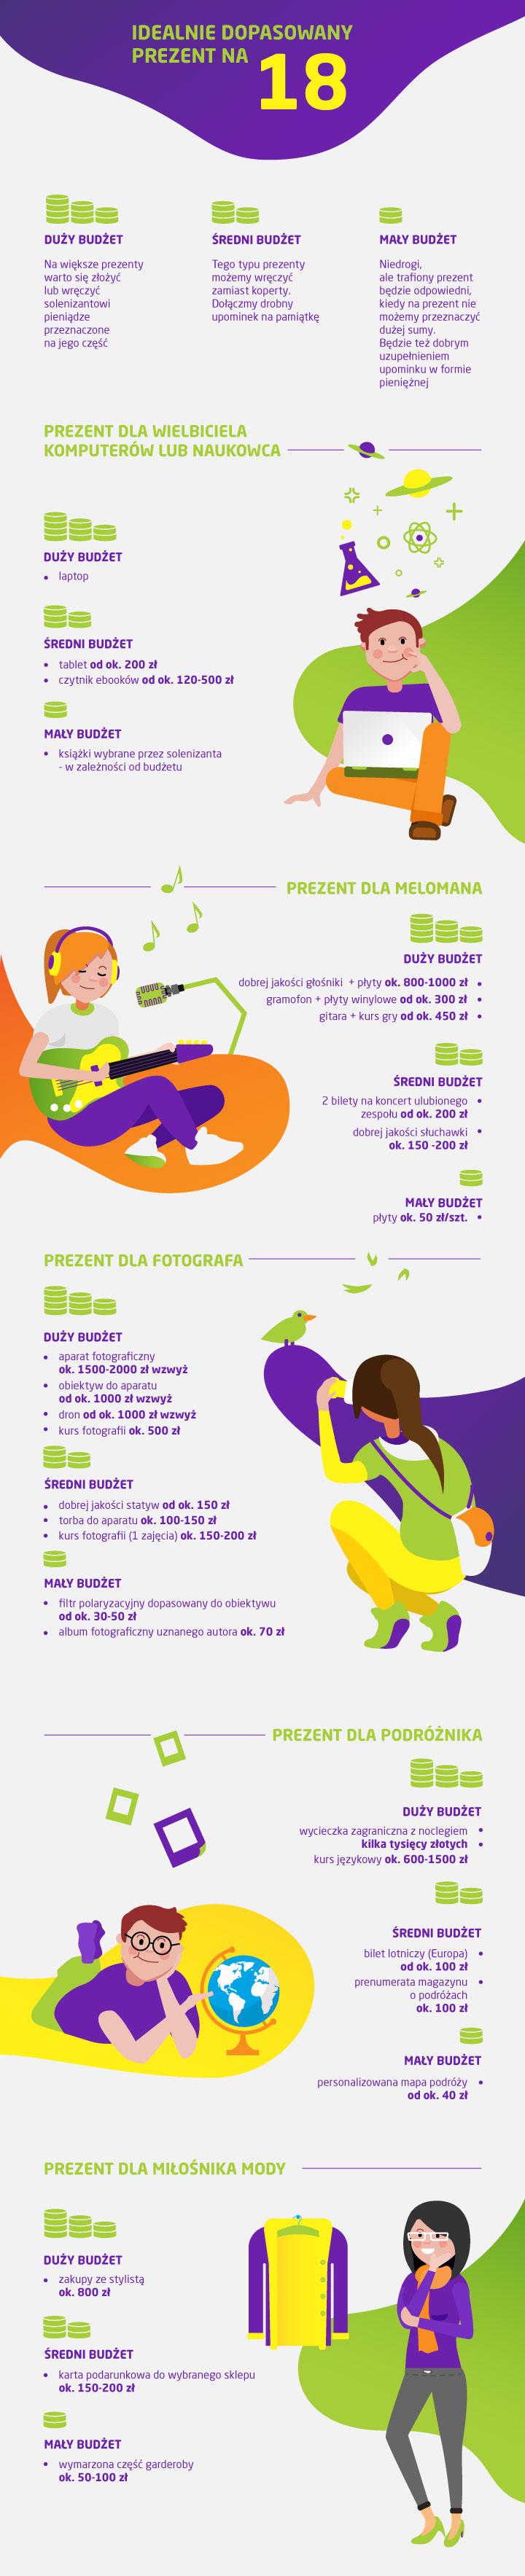 Ile dać na 18. urodziny - infografika z pomysłami na prezent